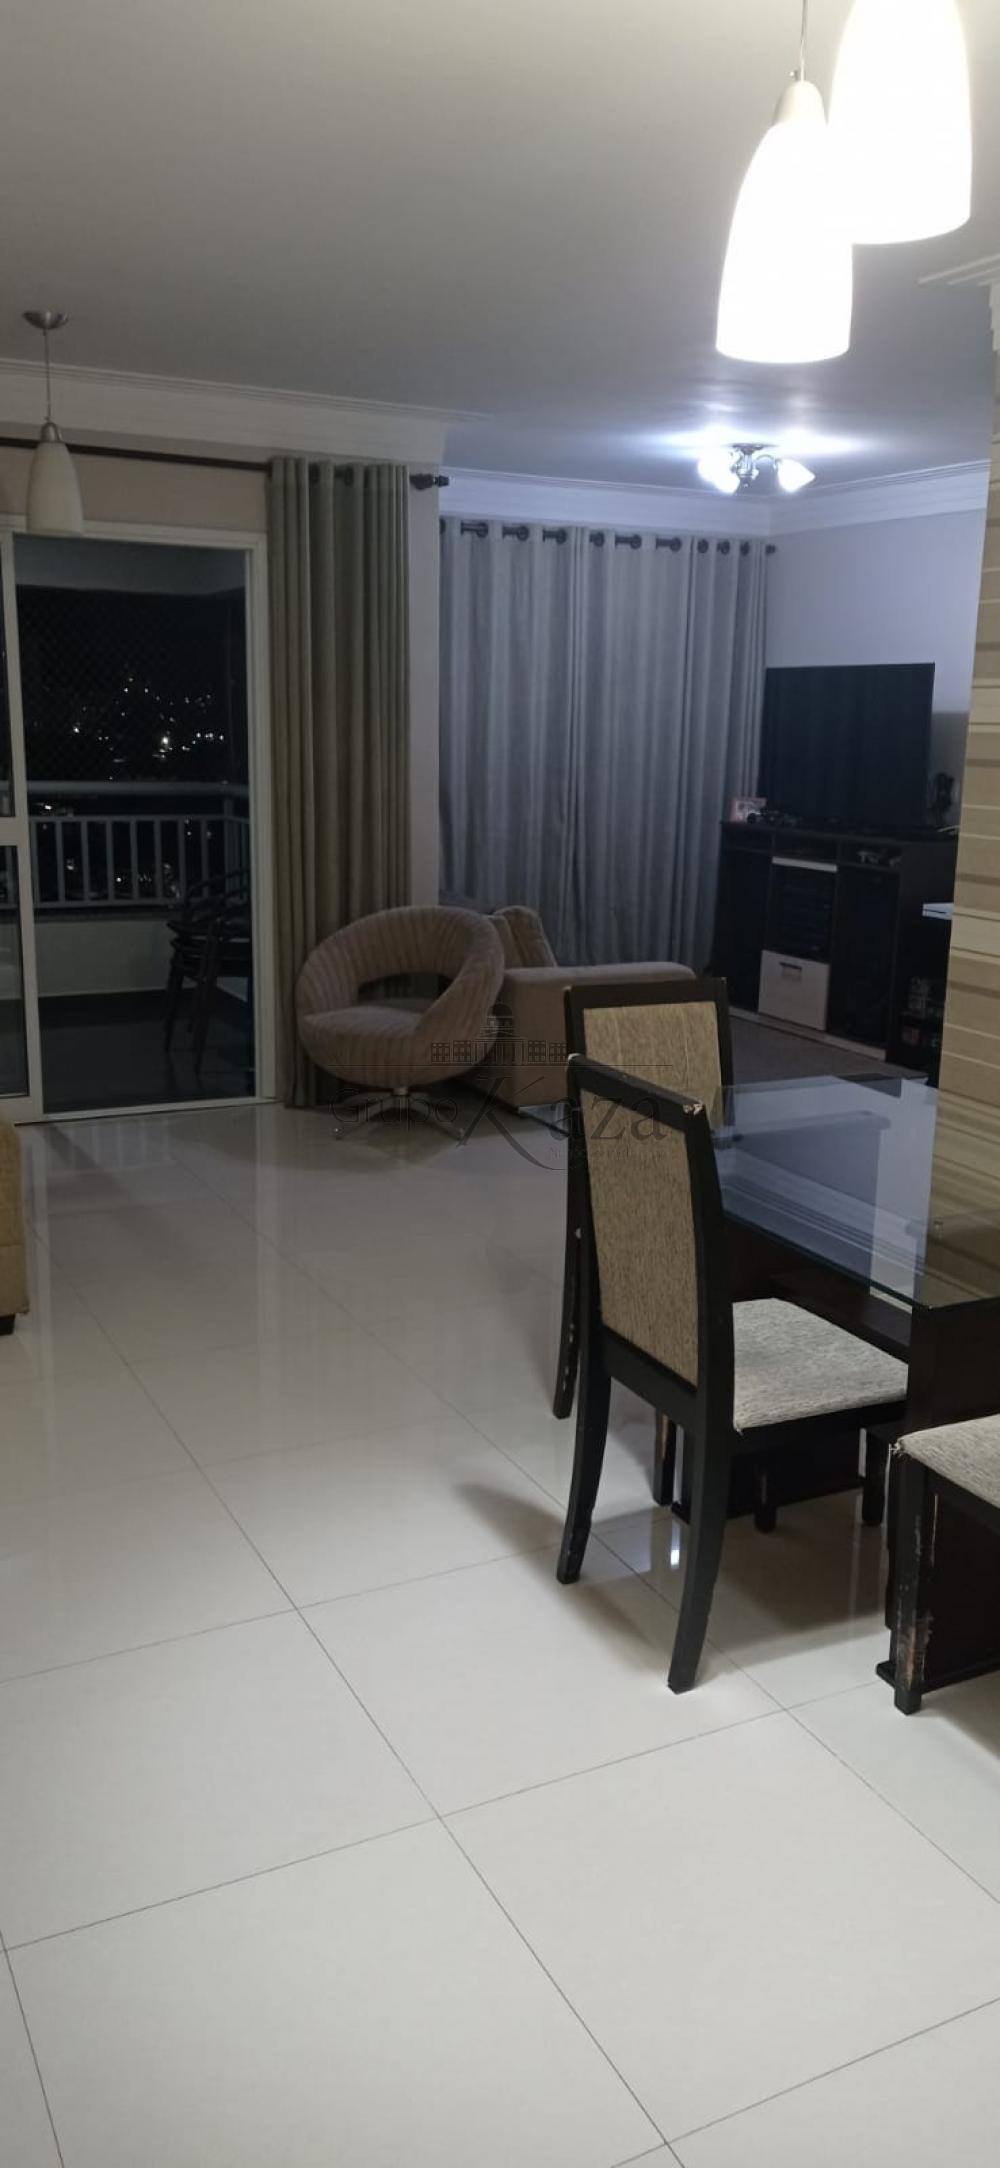 alt='Comprar Apartamento / Padrão em São José dos Campos R$ 480.000,00 - Foto 1' title='Comprar Apartamento / Padrão em São José dos Campos R$ 480.000,00 - Foto 1'